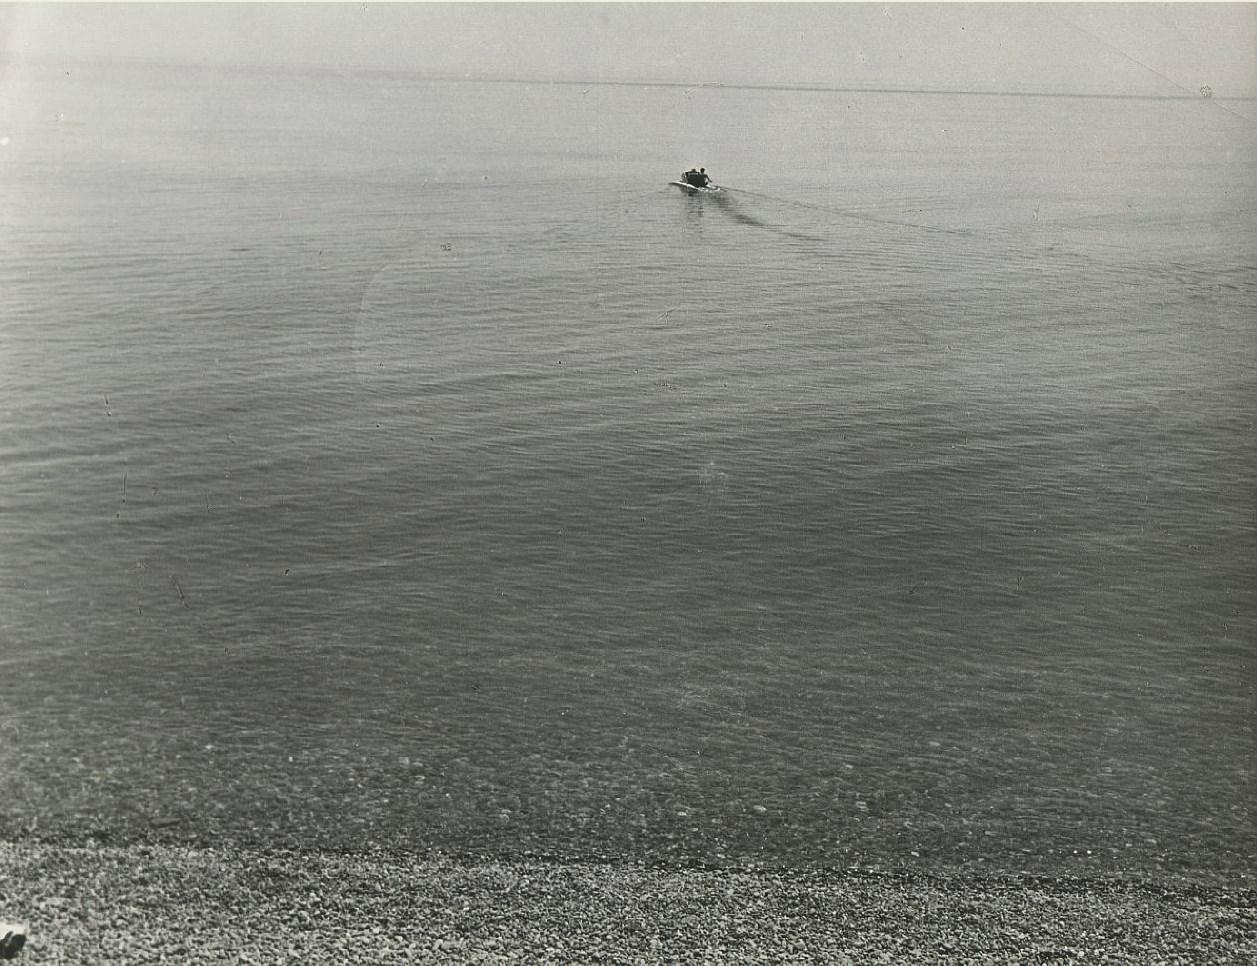 Пикап на пляже при помощи катамарана. Часть 6